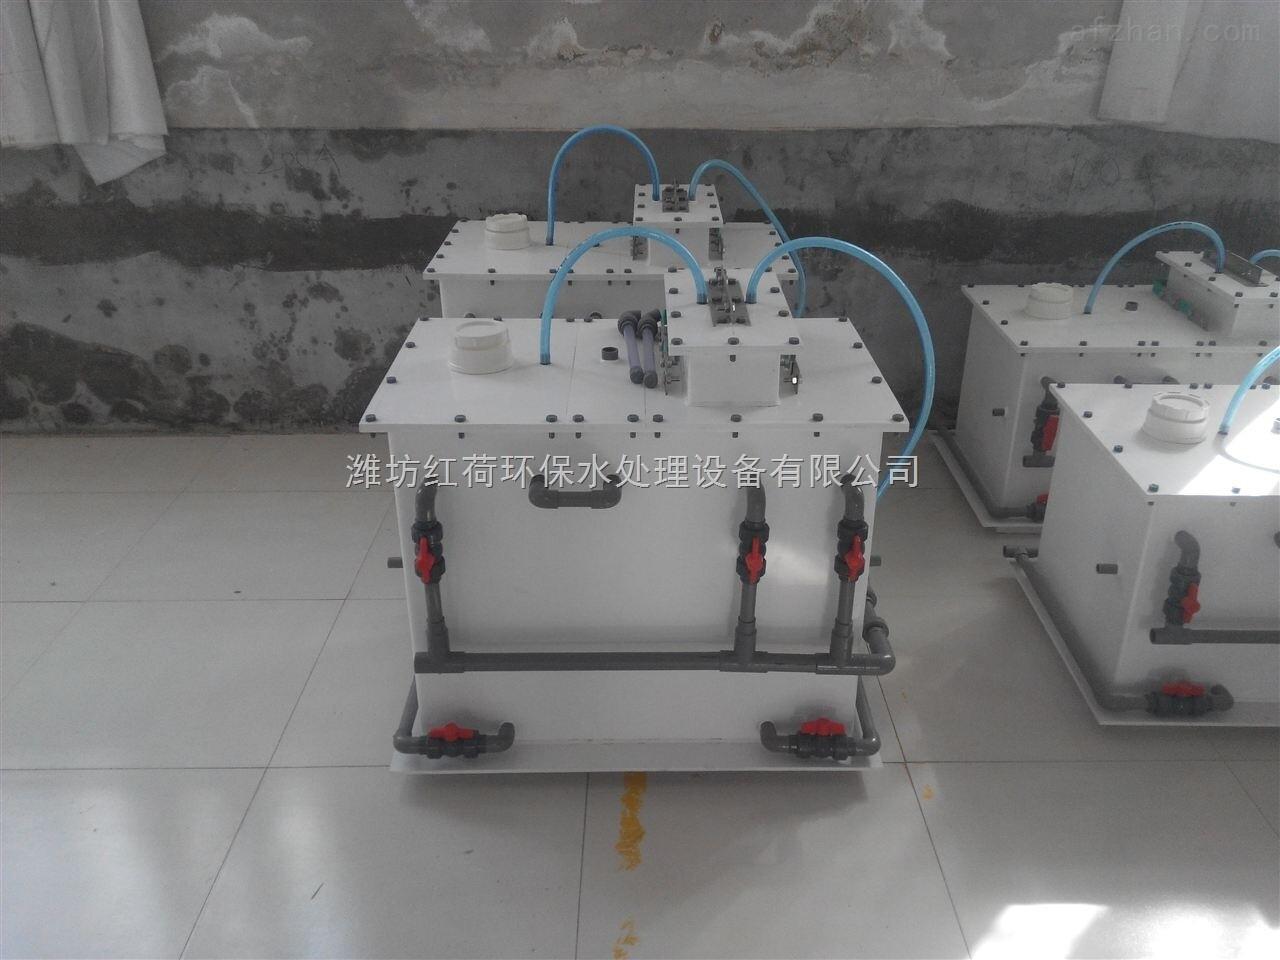 红荷系列 电解法二氧化氯发生器设备特点: 1、电解法二氧化氯发生器有效氯产量零到最大连续可调,调整精度0.1克每小时。 2、使用原料为食盐;耗盐量:≤1.6克盐/克有效氯。 3、设备可以根据余氯测量仪测量出的余氯测量信号,进行PID自动调整消毒剂发生量;也可以根据流量计测量的水流量信号正比例自动调节消毒剂发生量。 4、发生器的开关状态、有效氯产量设定值、有效氯实时产量、电解电压、电解槽温度、故障报警等参数可以网络化远程监测并控制。 5、发生器本地有手动/自动切换开关,可以切换设备的运行模式。 6、溶